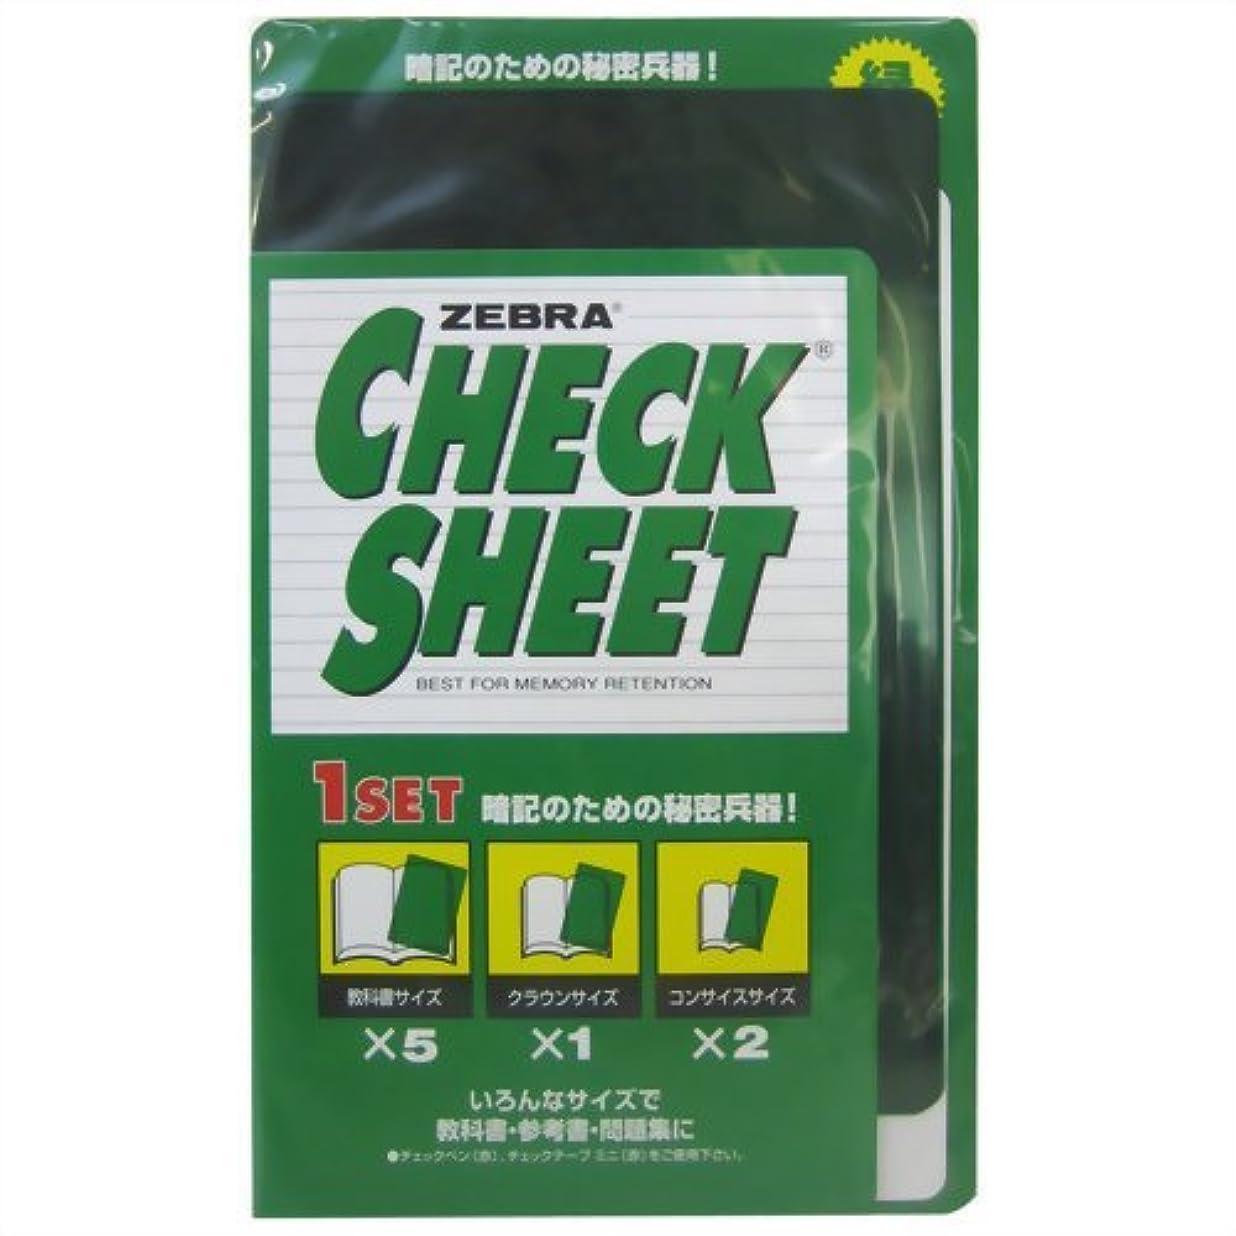 請求可能オペレーター期限切れチェックシートセット【緑】 SE-300-CK-G